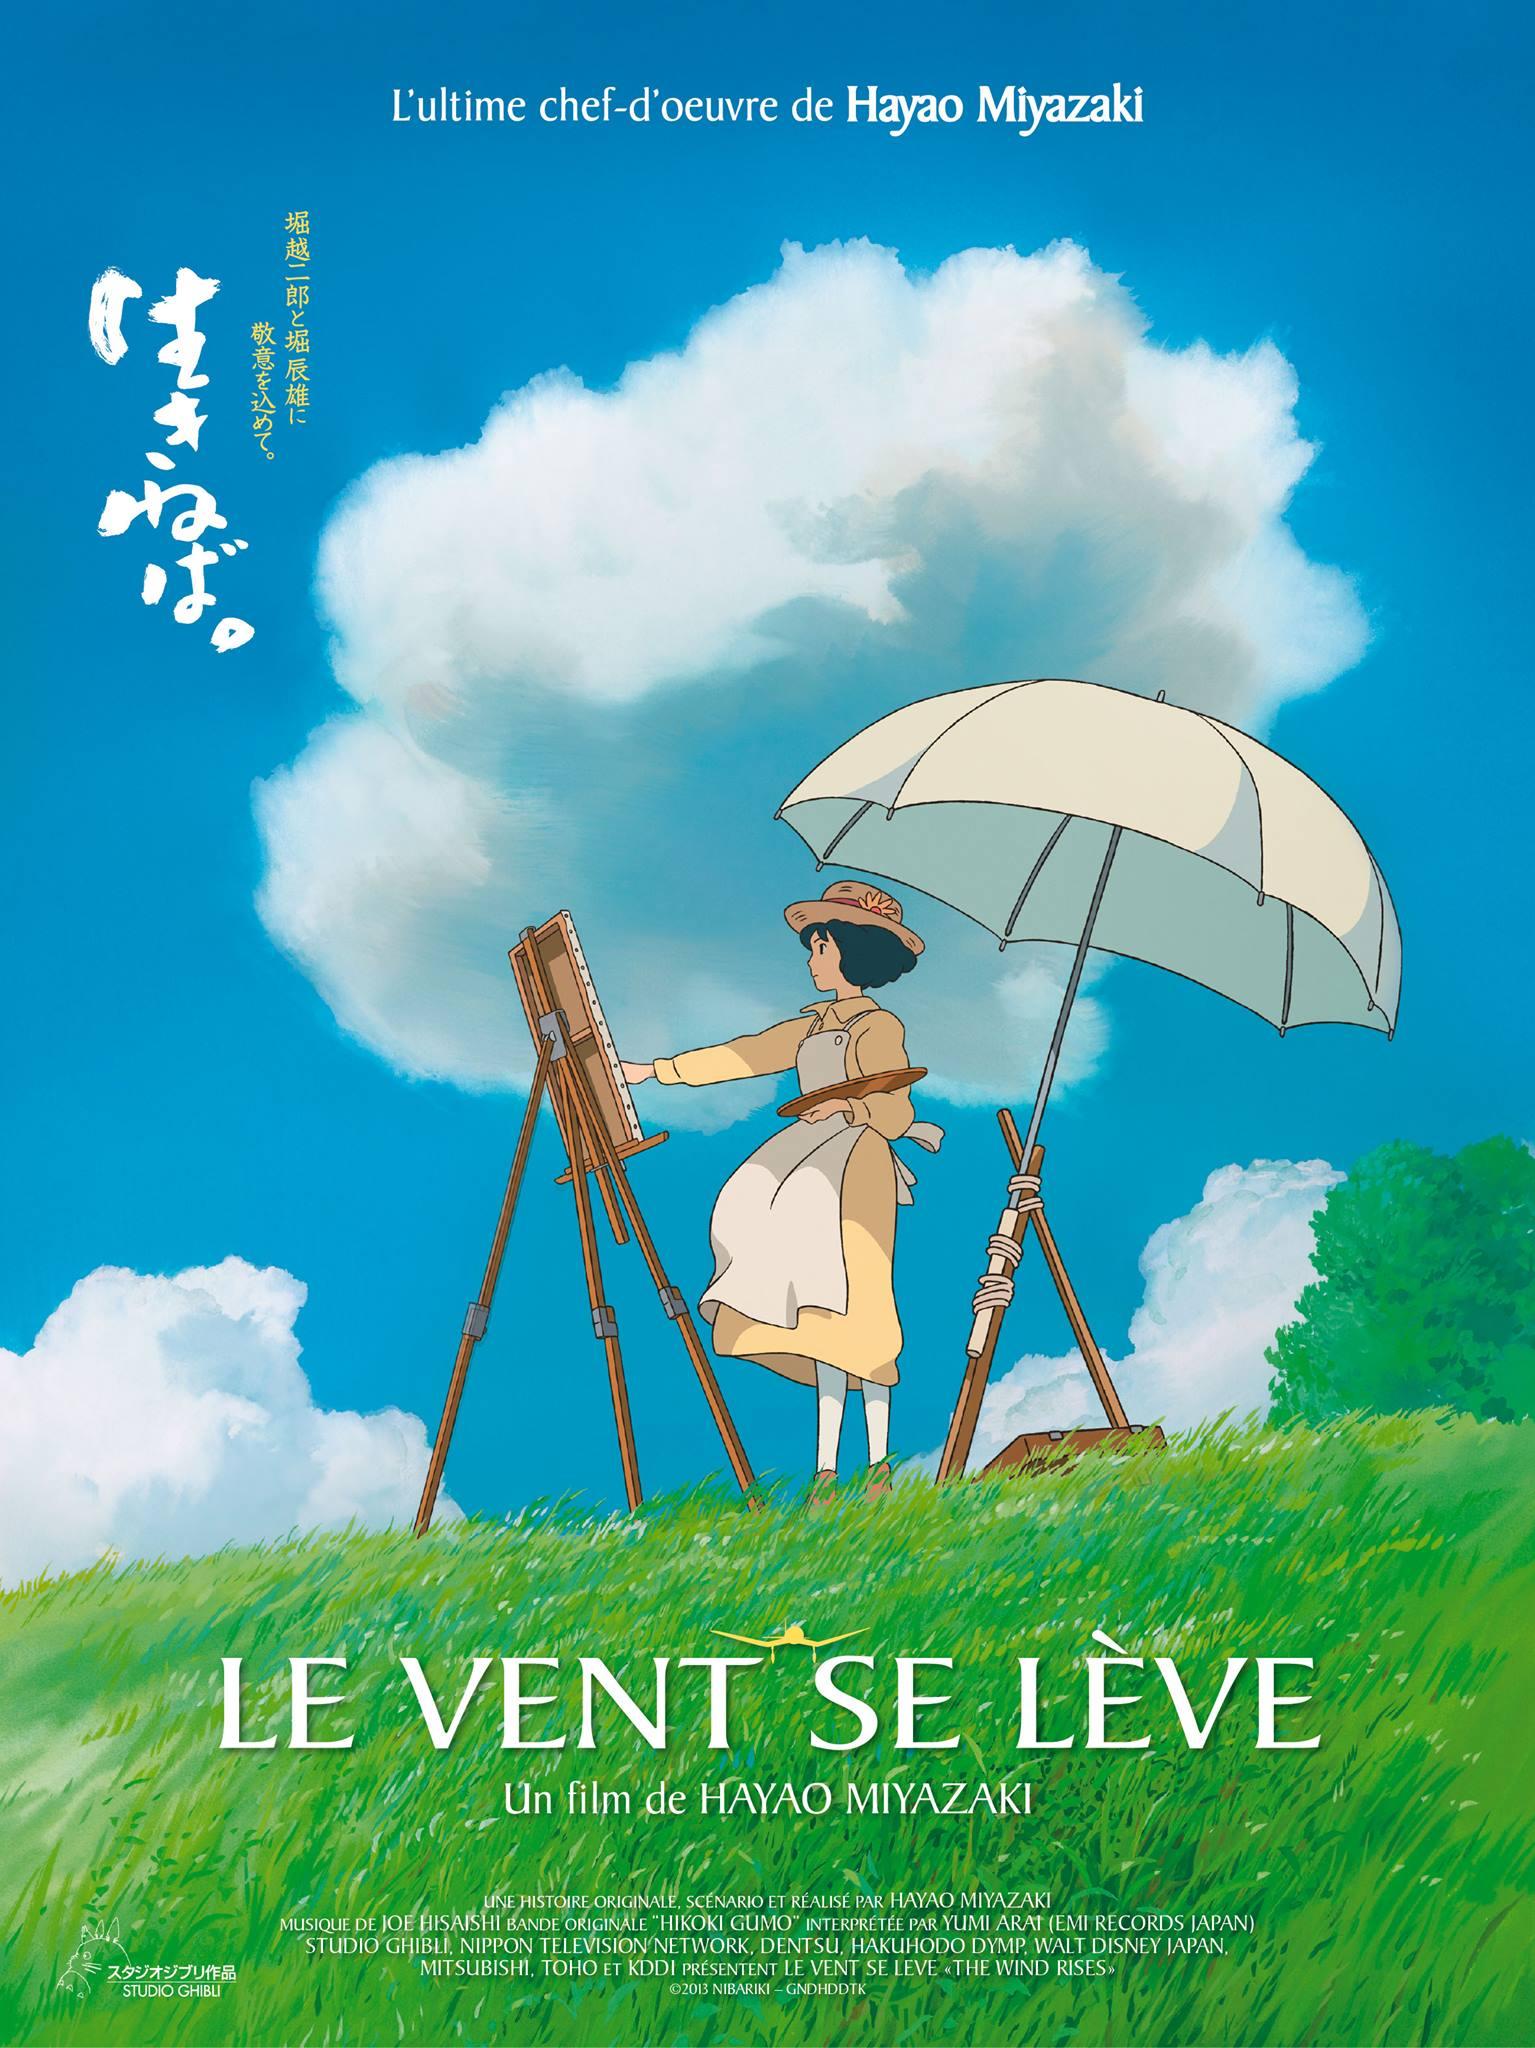 http://entre-les-pages.cowblog.fr/images/Affiches1/leventseleve.jpg